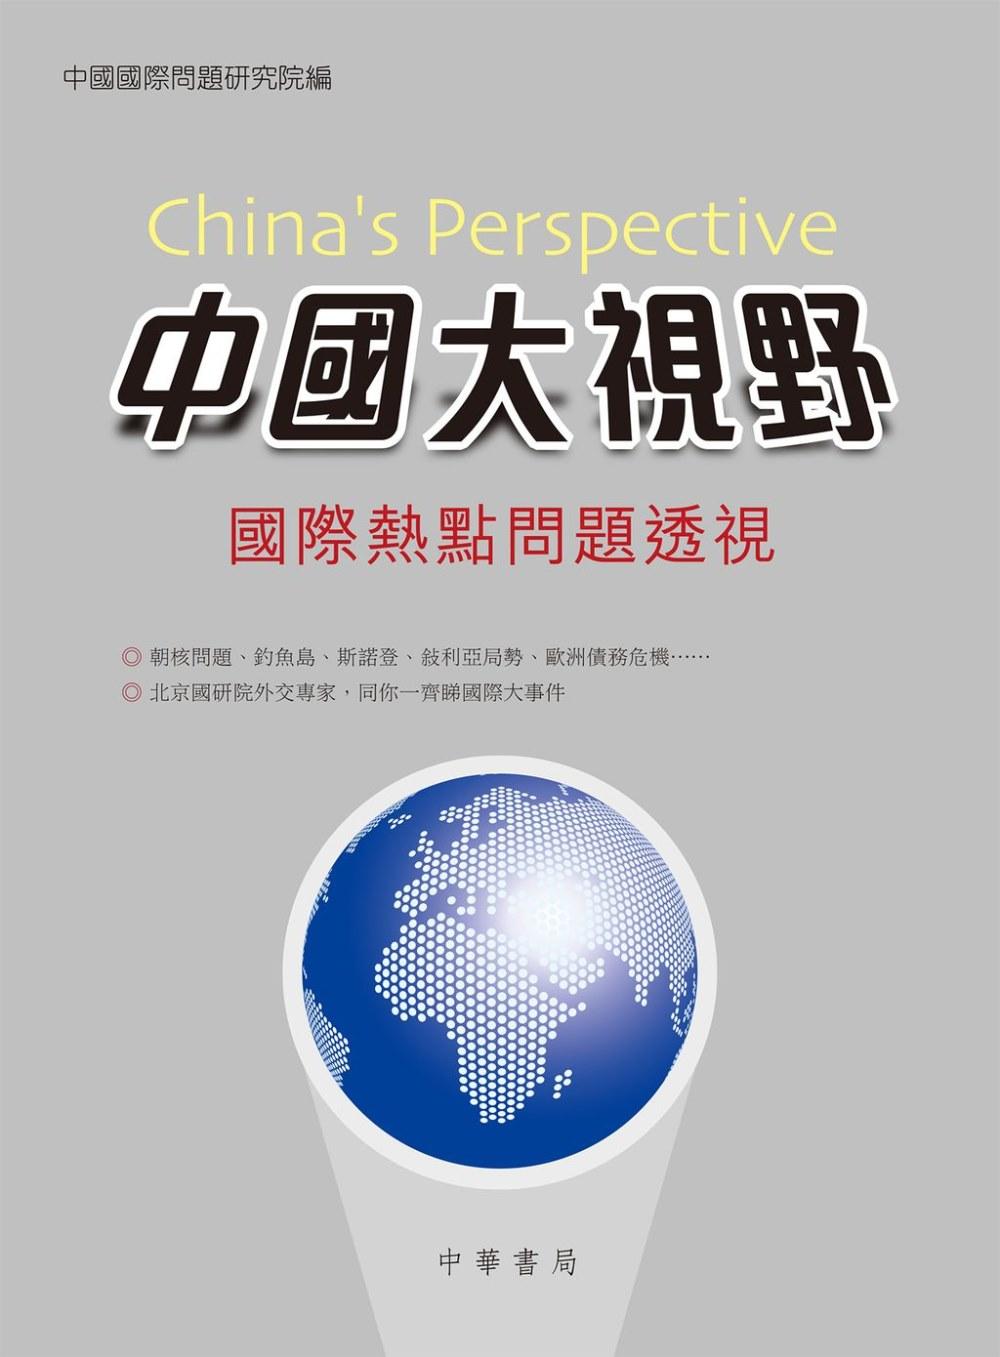 中國大視野:國際熱點問題透視